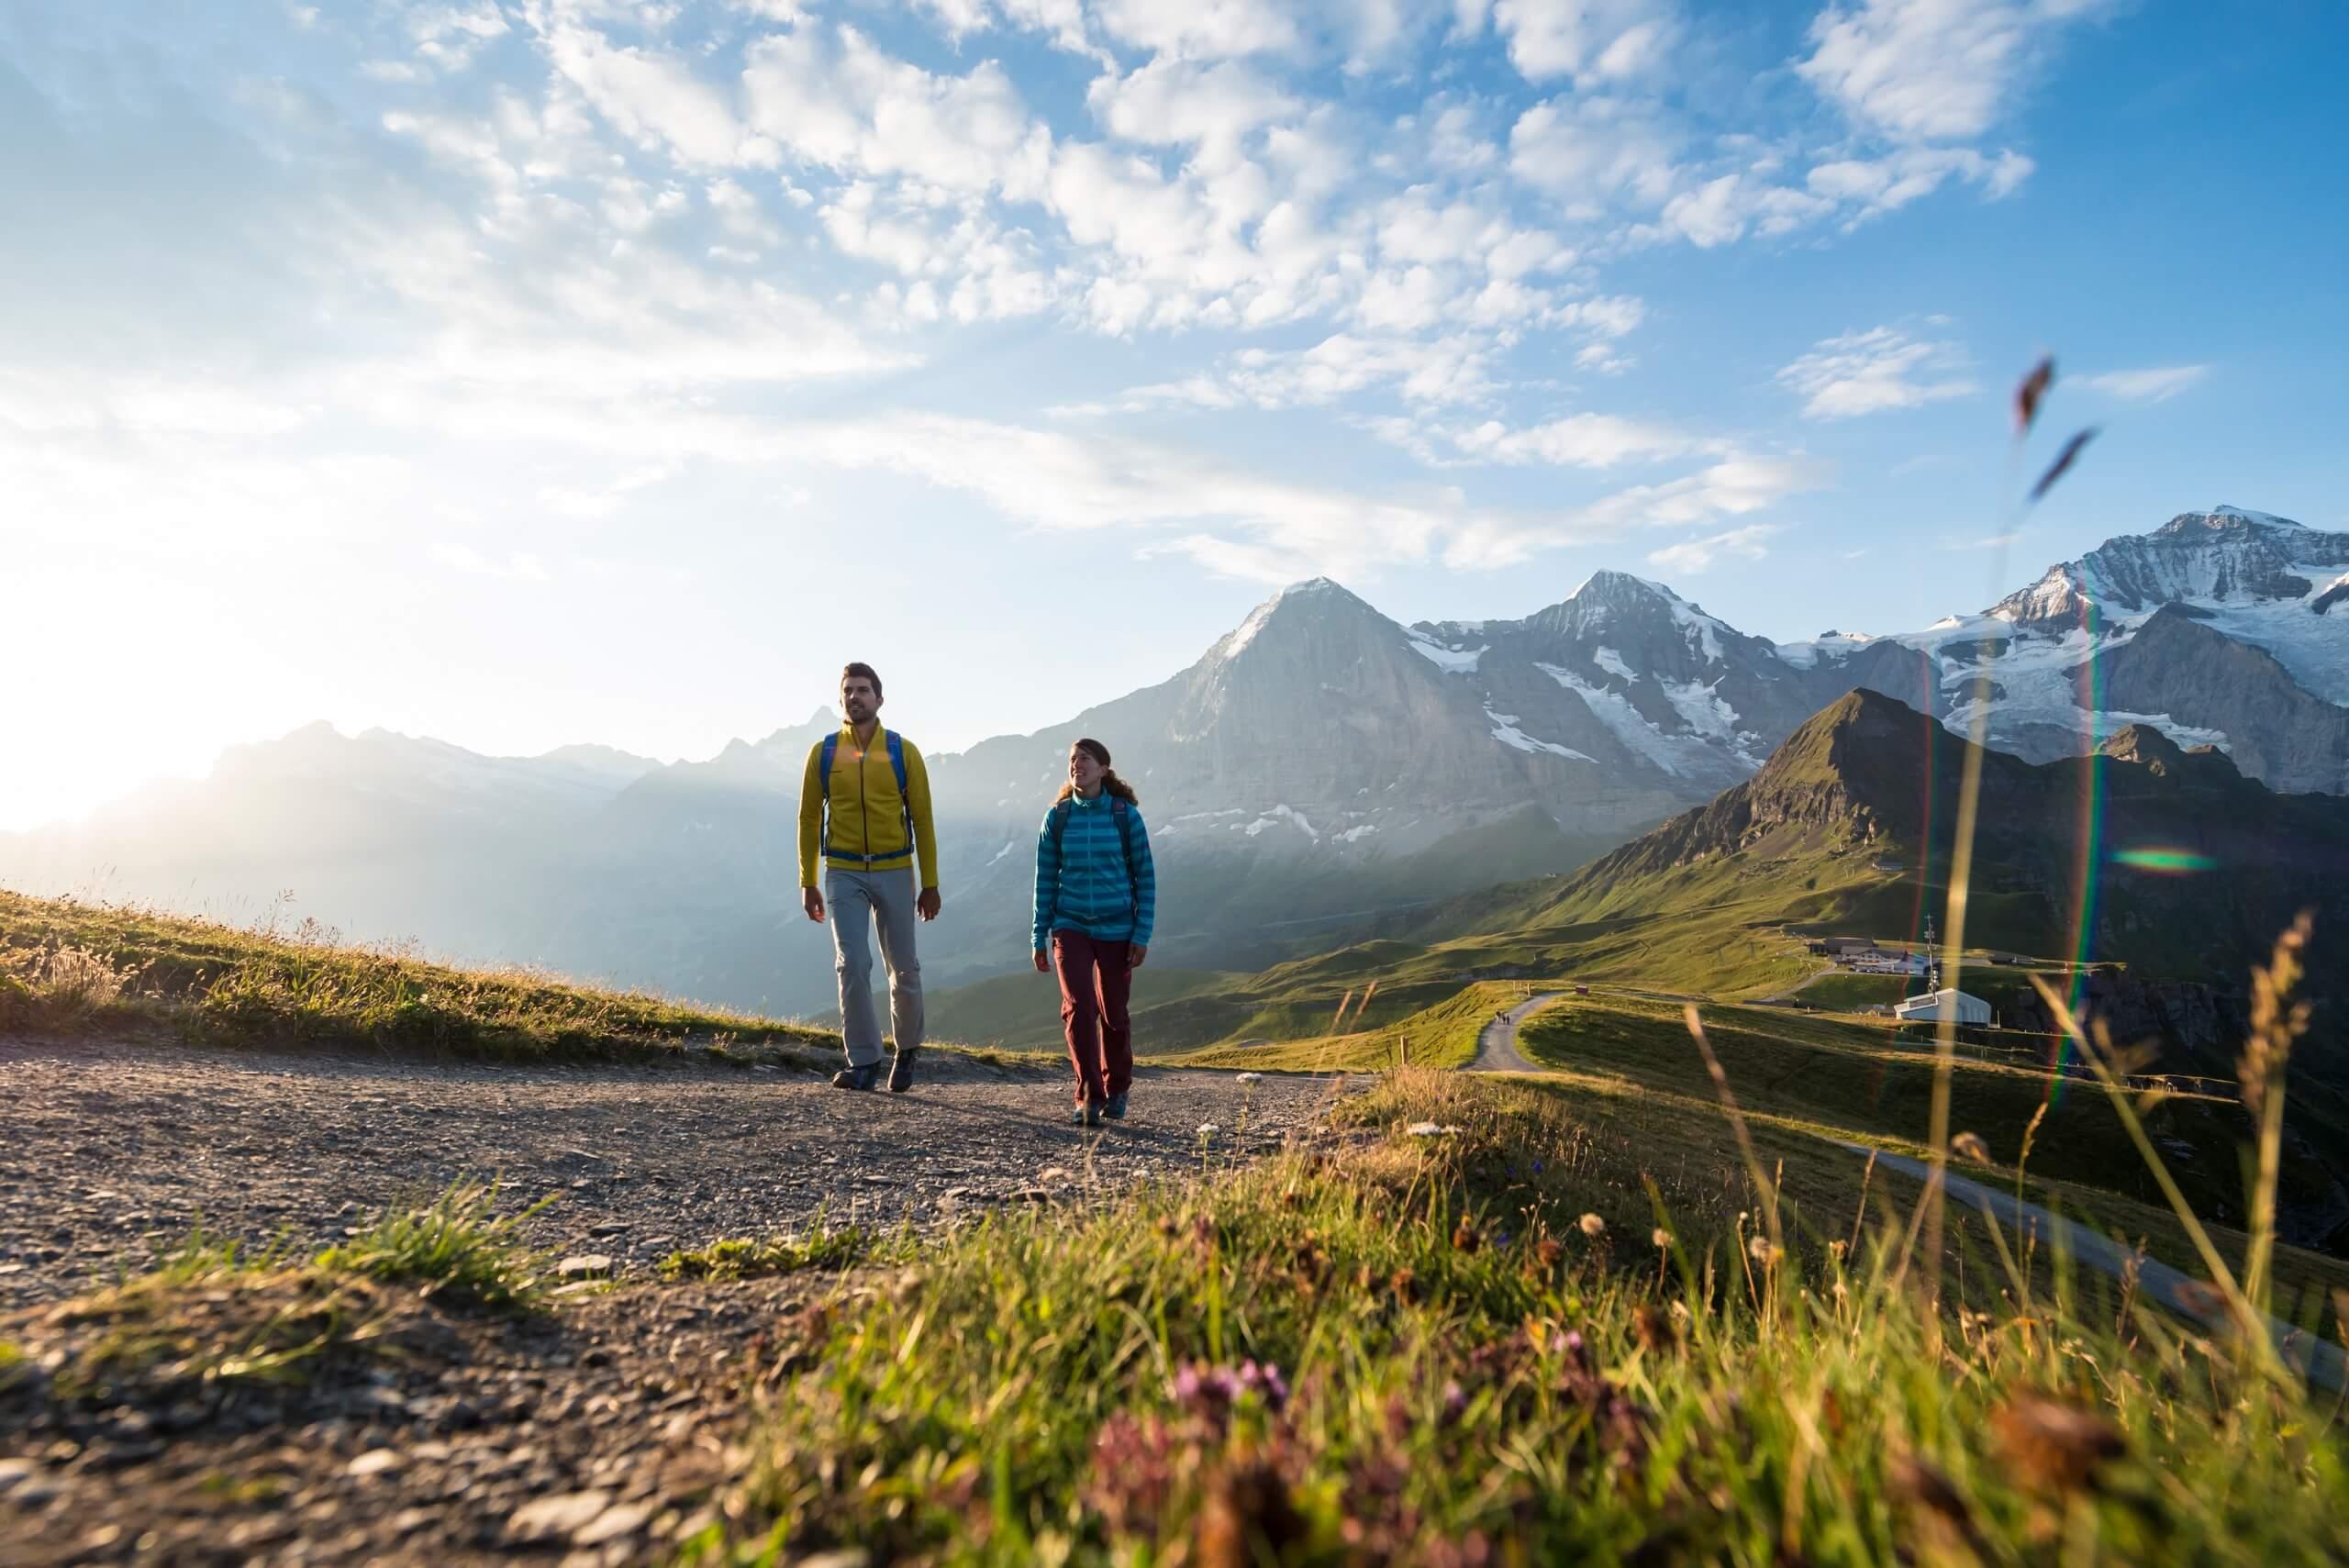 maennlichen-wandern-berge-sommer-aktivitaet